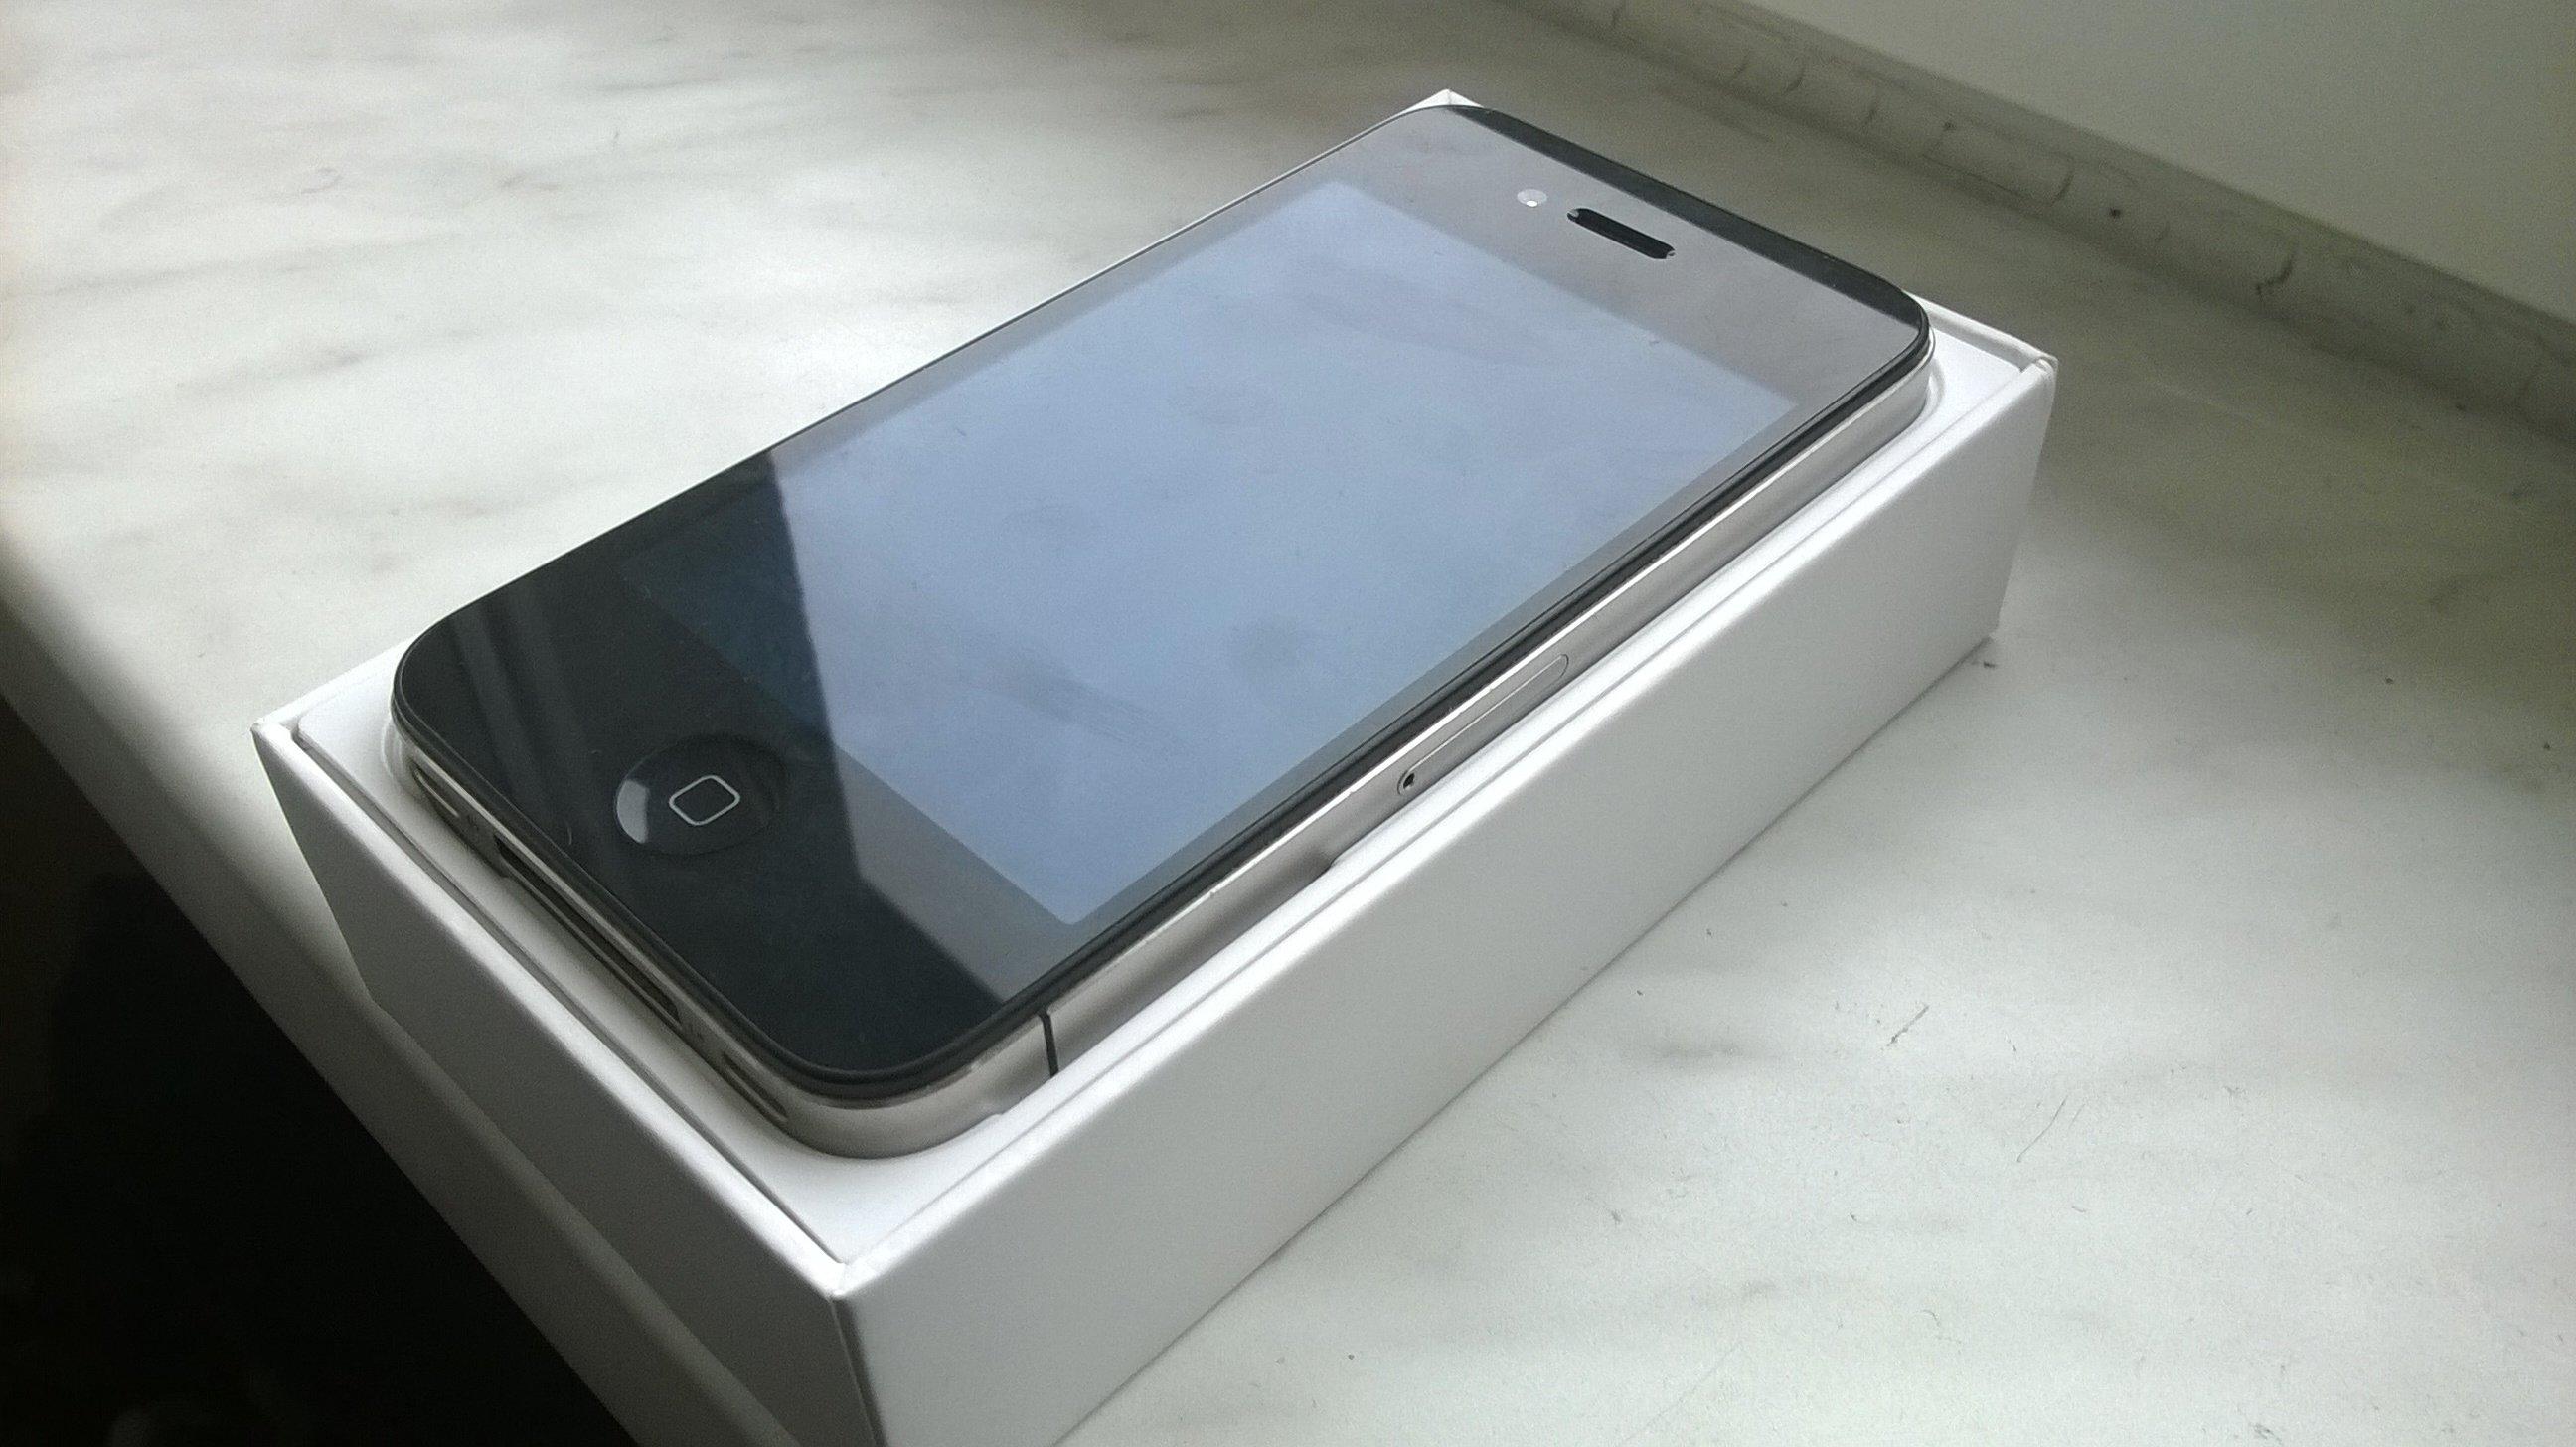 Iphone 4 8GB-black IDEAł! Sprzedaż/zamiana